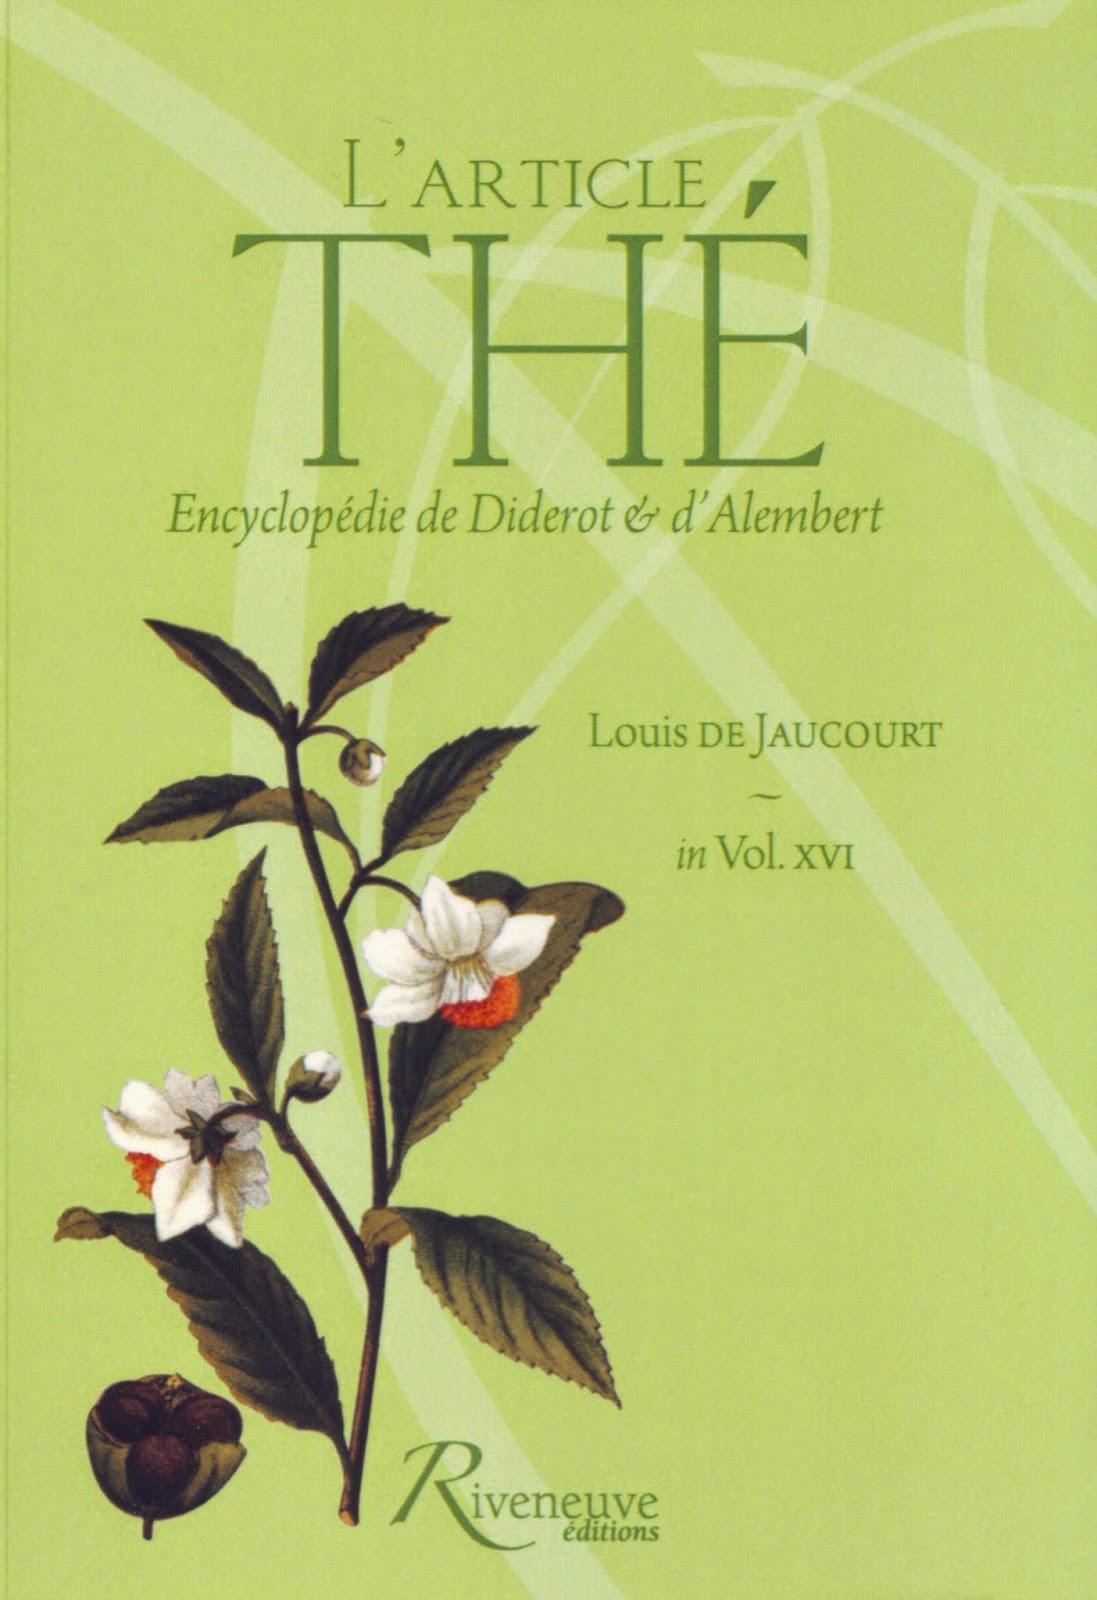 livre l'article thé louis de Jaucourt